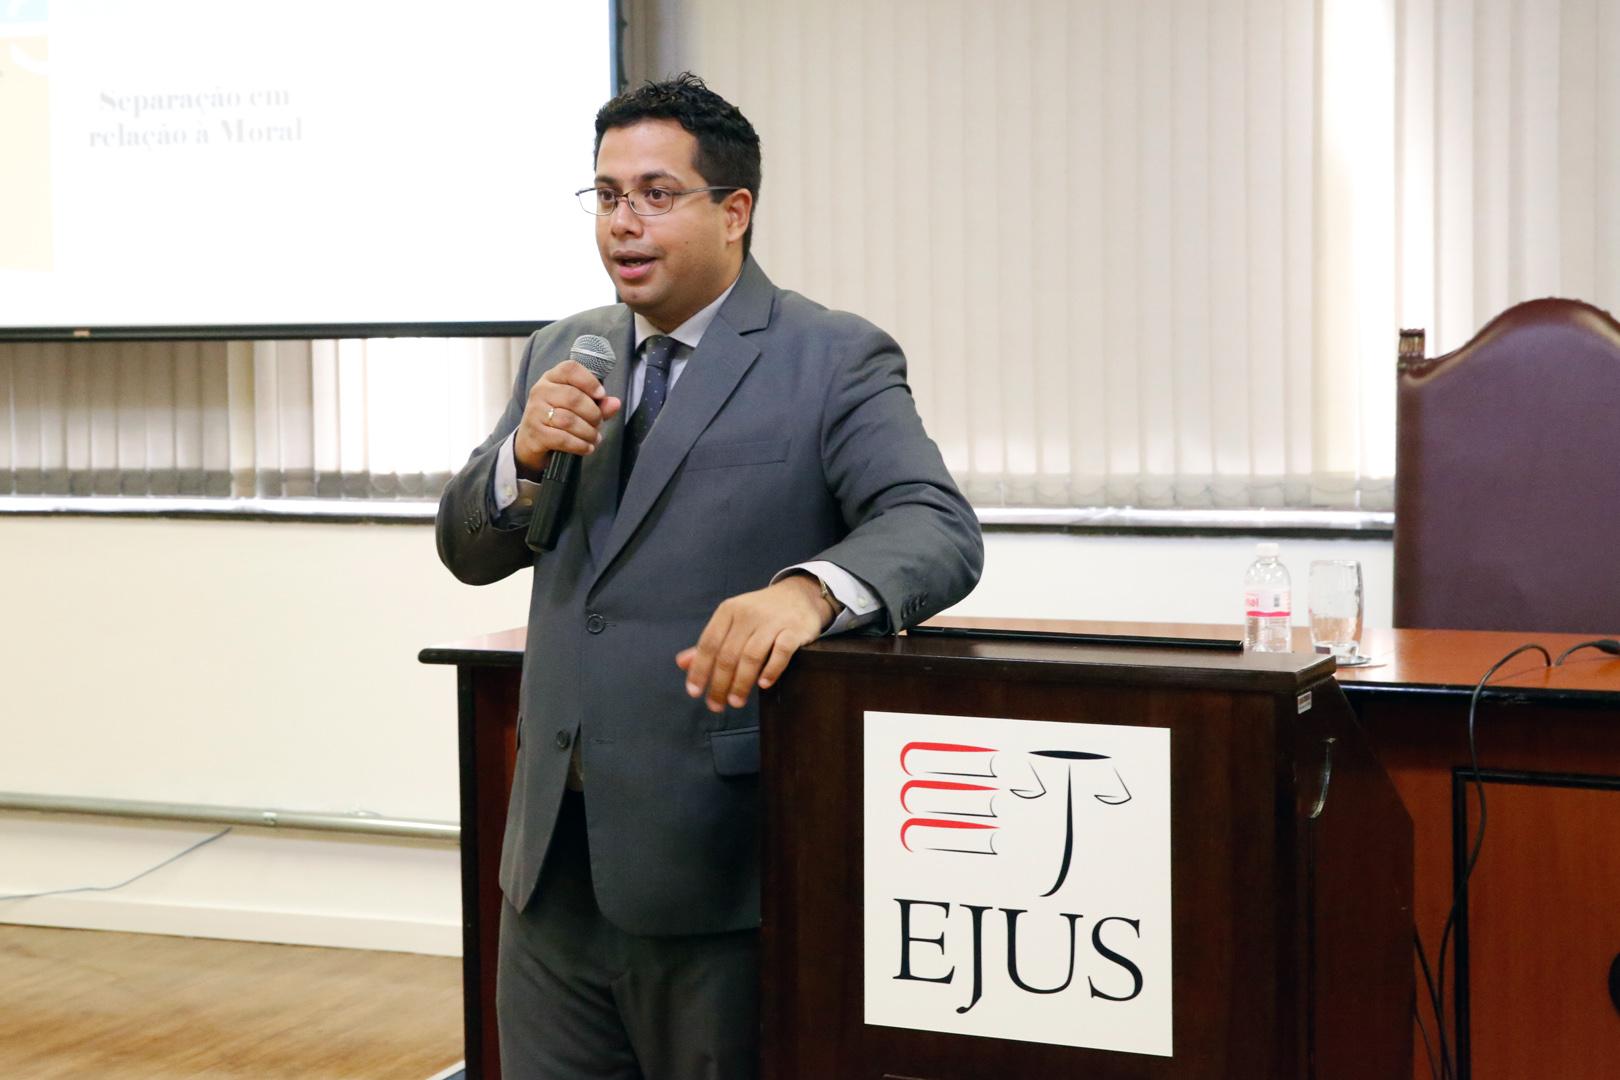 EJUS promove o curso 'Ativismo judicial e hermenêutica jurídica'